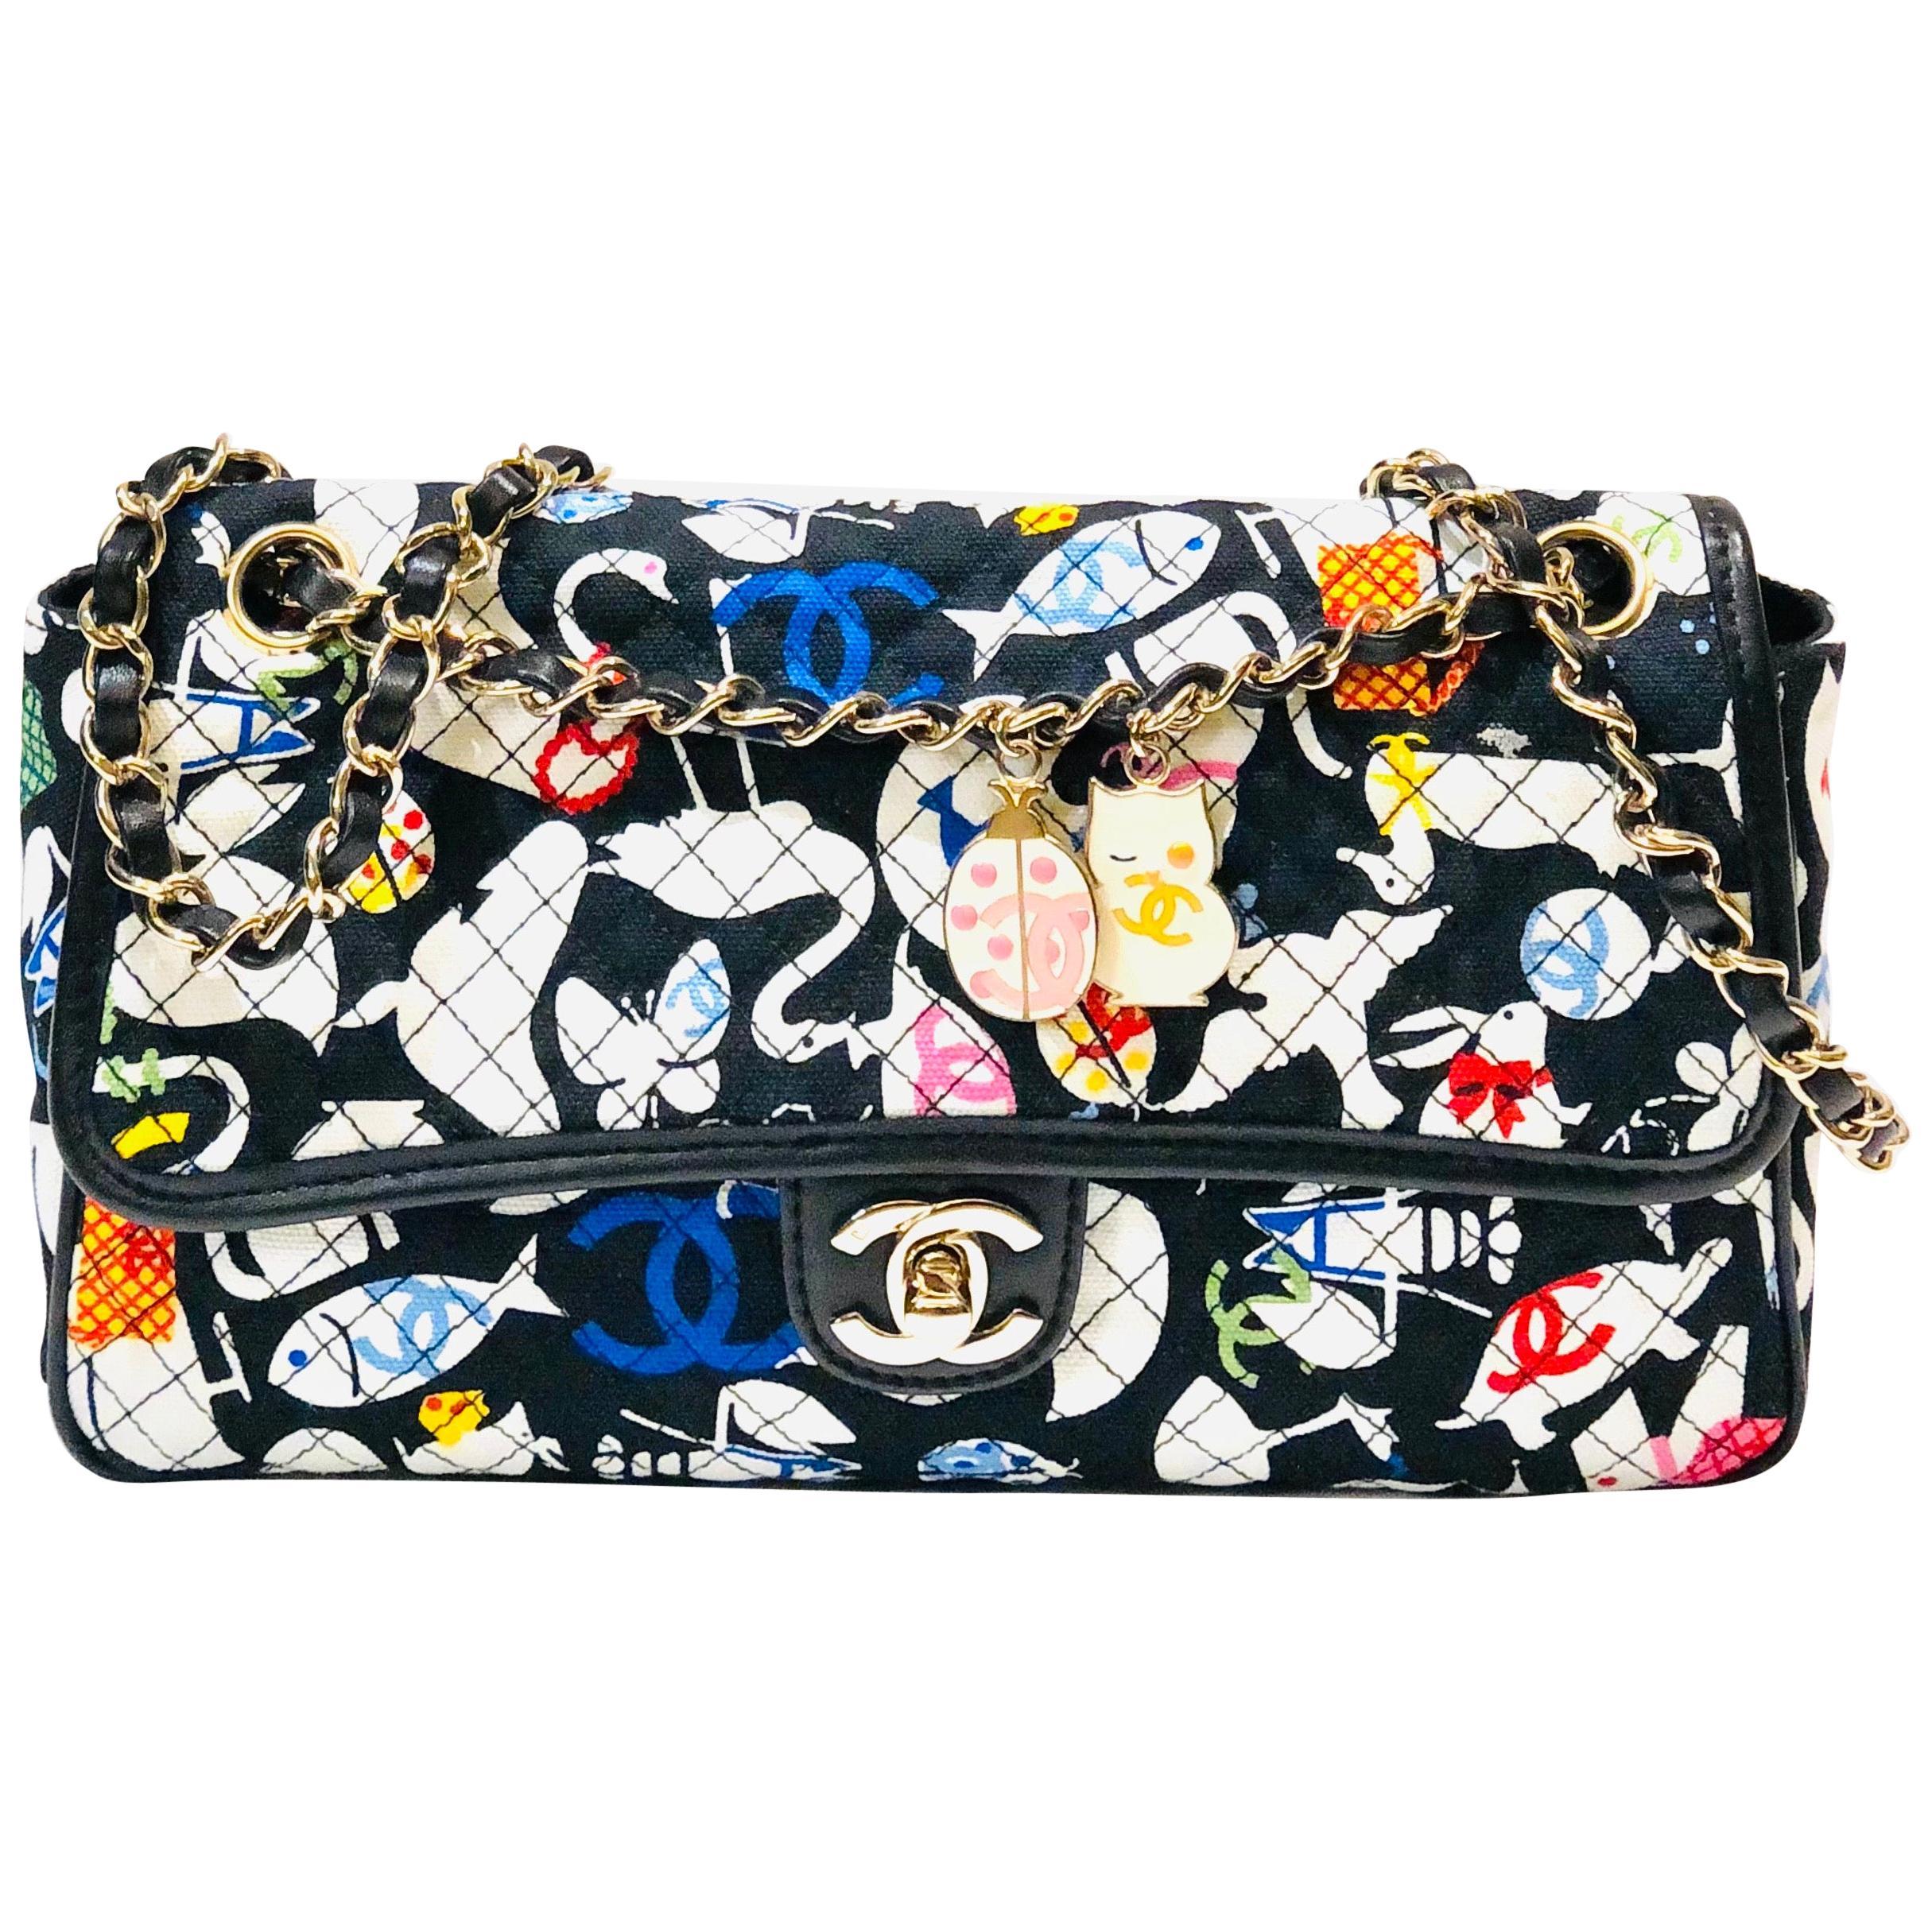 Chanel Canvas Shoulder Bag